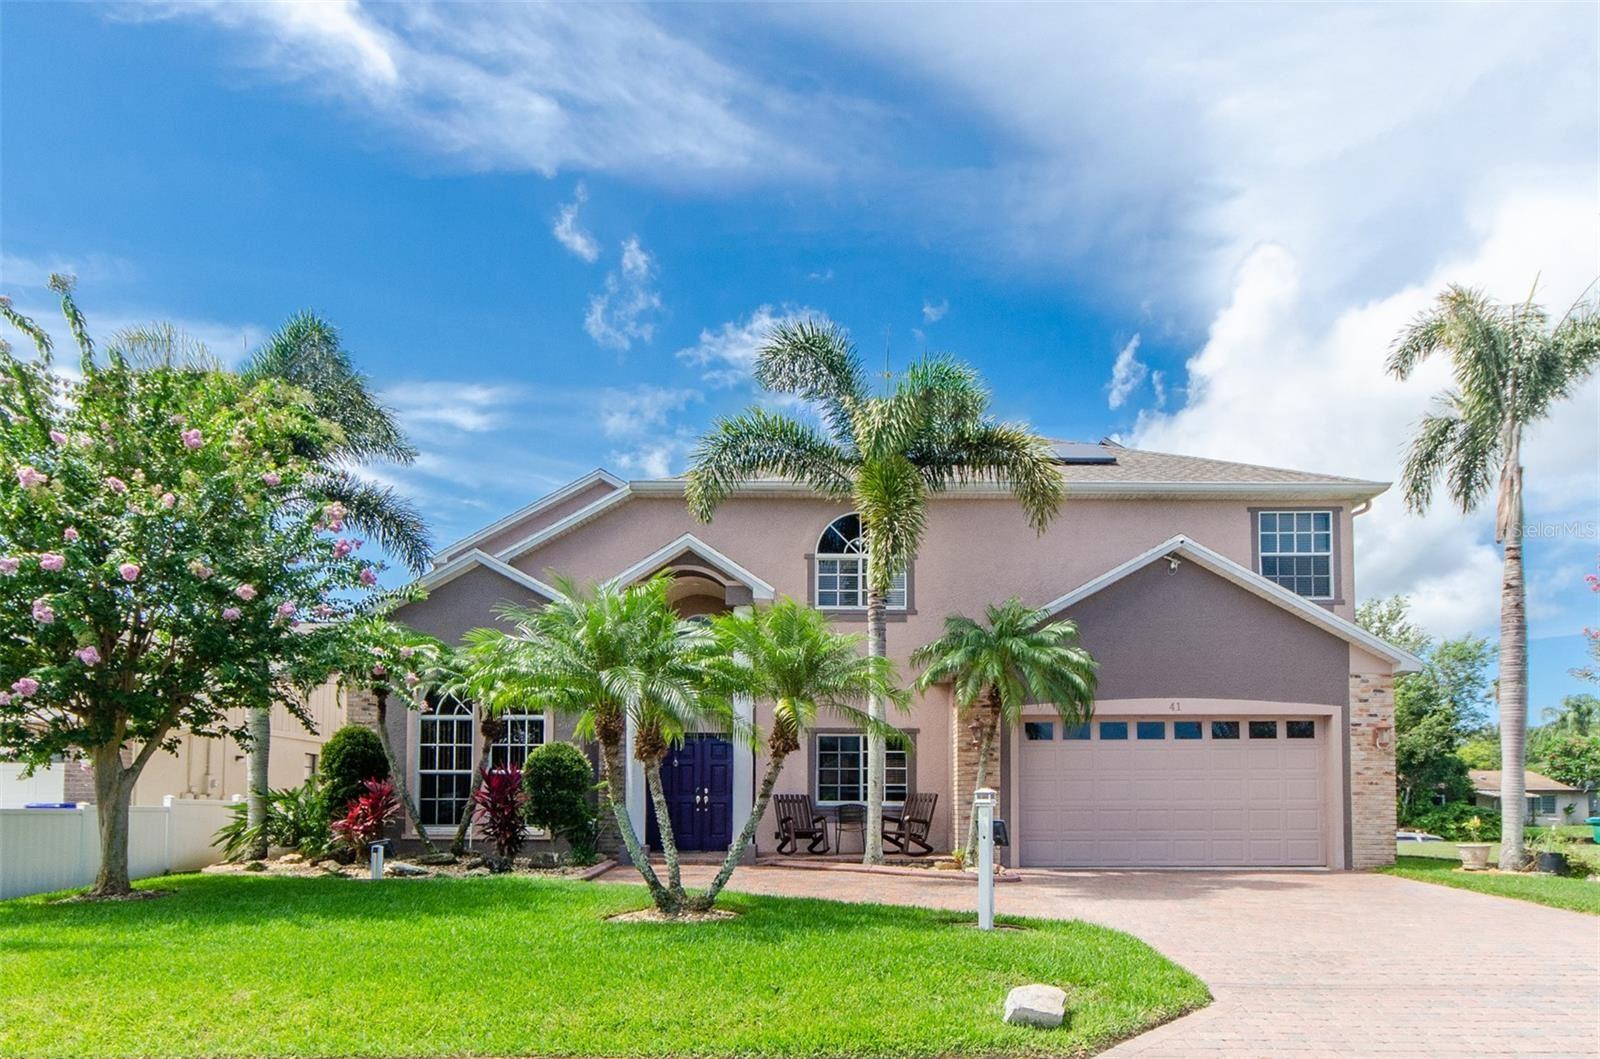 41 CYPRESS DRIVE, Palm Harbor, FL 34684 - #: U8130896